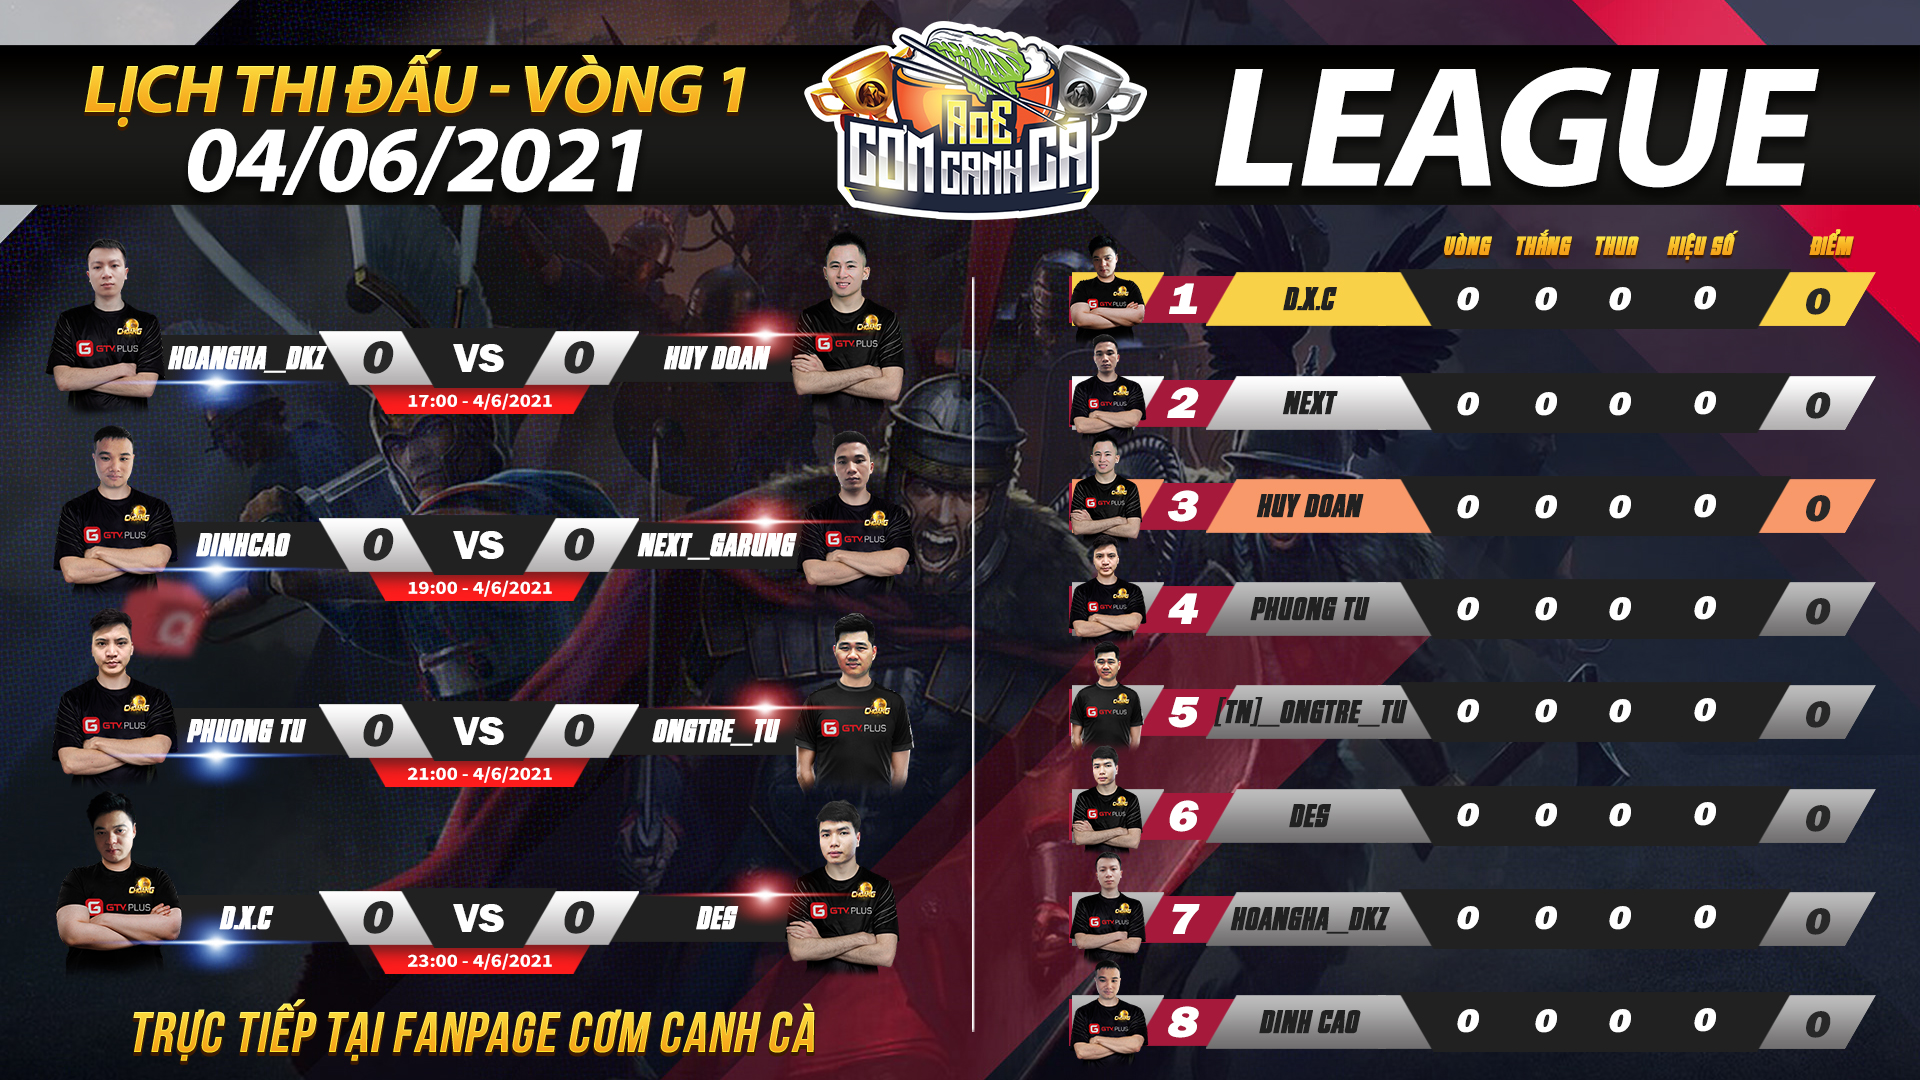 Lịch thi đấu AoE Cơm Canh Cà ngày 4 tháng 6: Vòng League bắt đầu